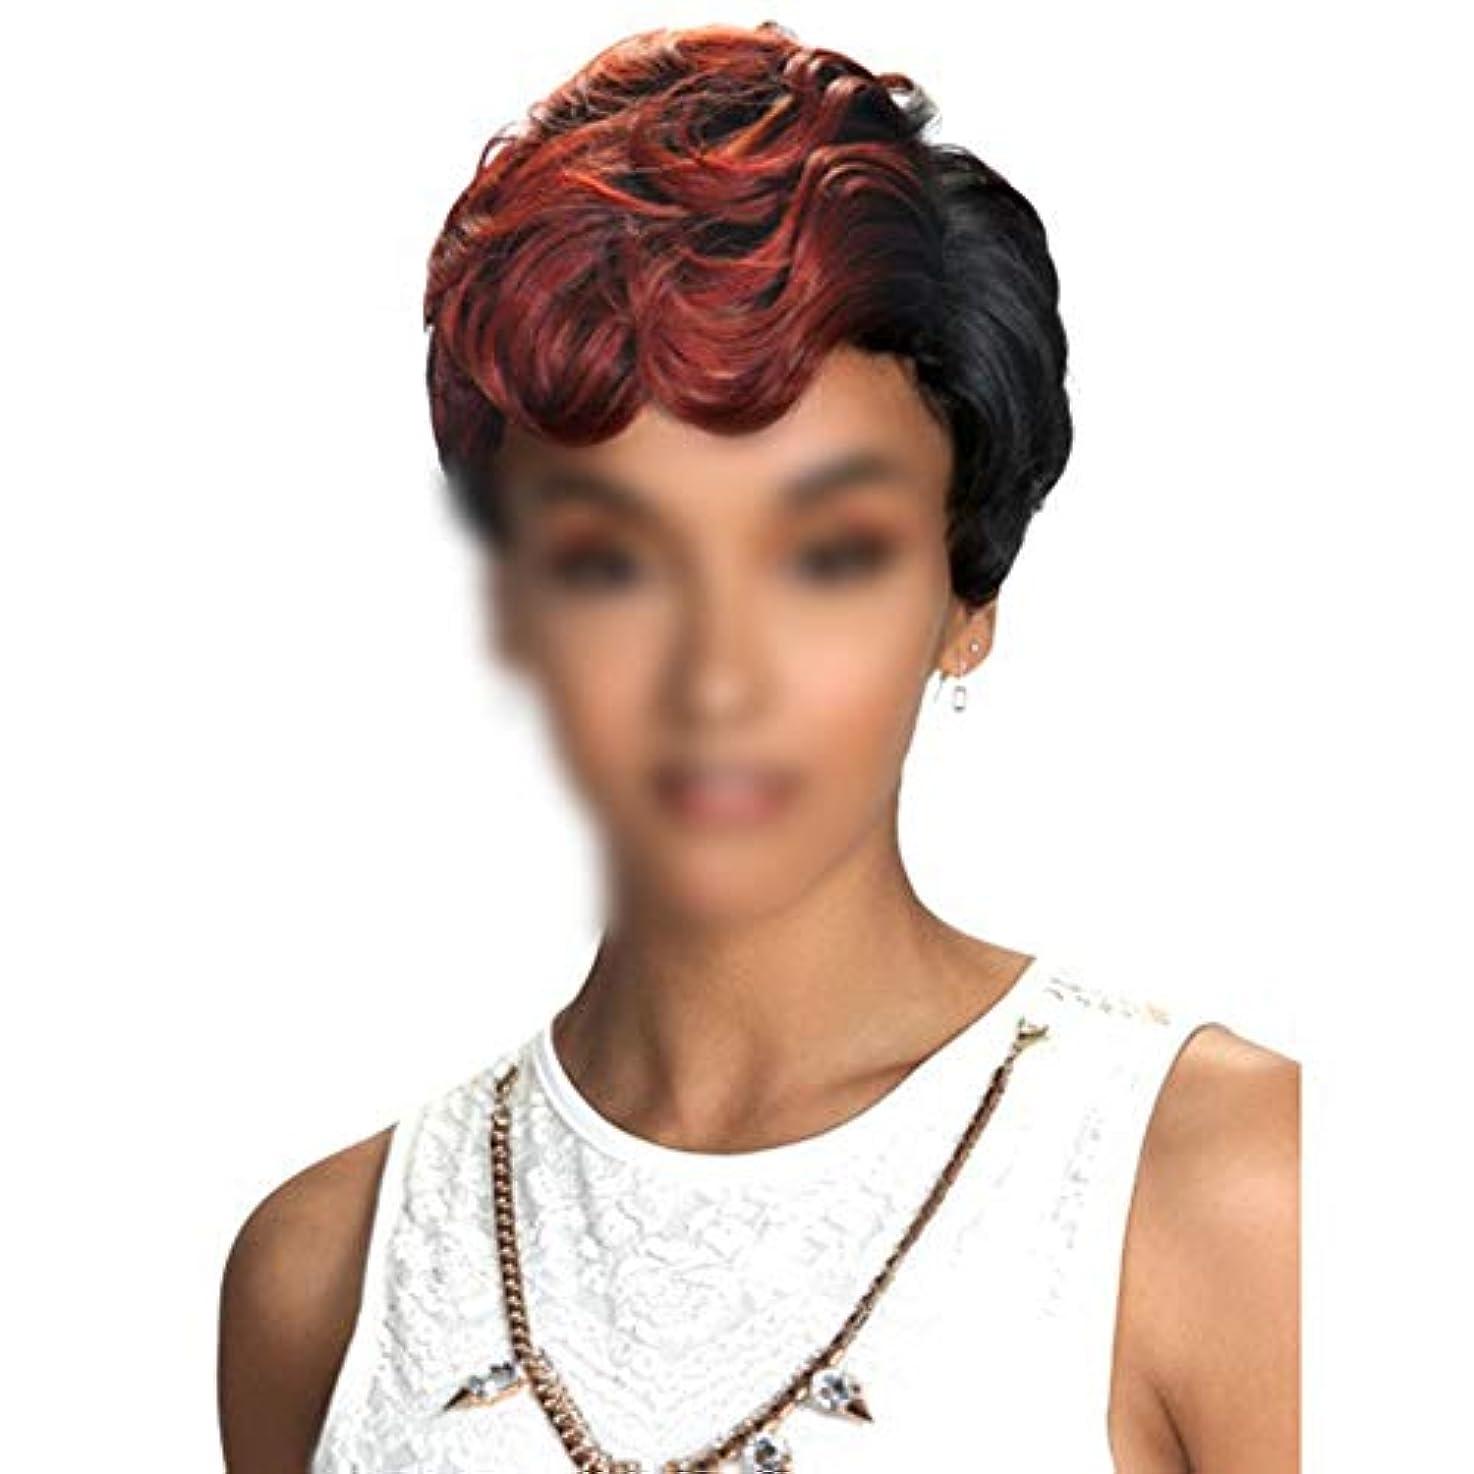 知事マイコン大理石WASAIO 女性用人工毛ウィッグボブヘッドショートカーリーアクセサリースタイル交換用ワインレッドコスプレパーティードレス (色 : ワインレッド)